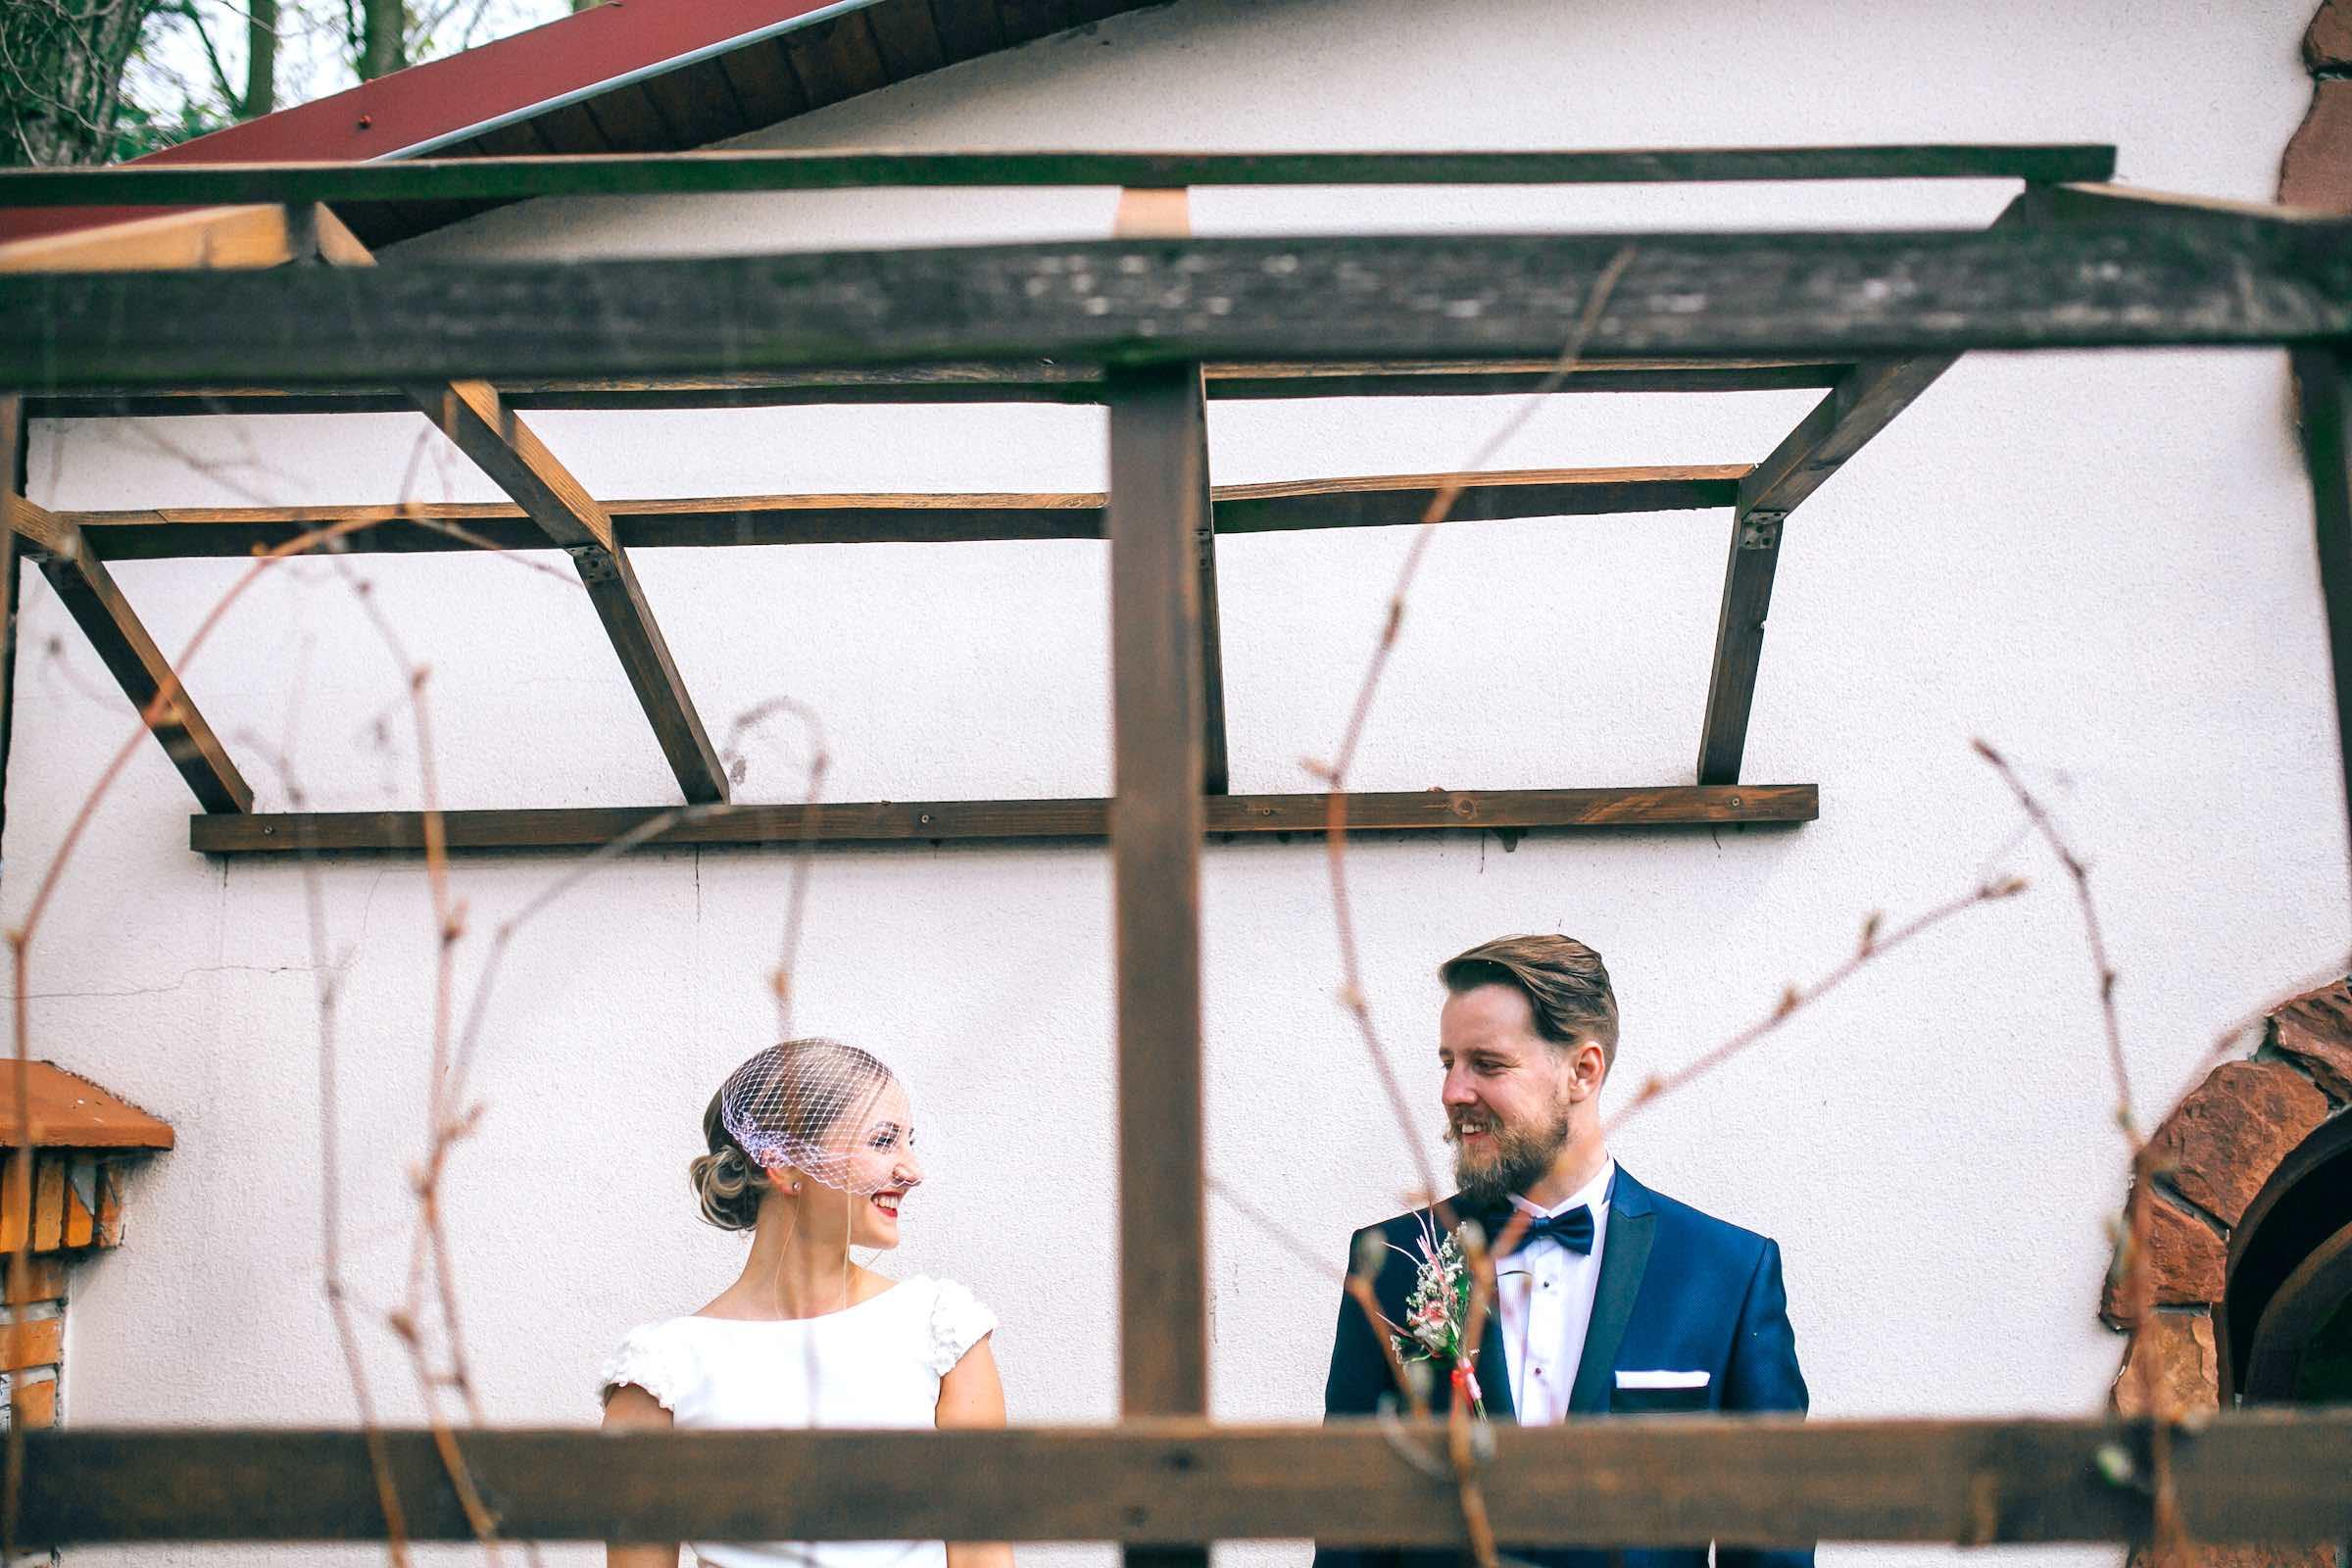 Fotograf |Hochzeit |Hochzeitsreportage |Hameln |Hildesheim |Hannover |Peine |Celle |Fotograf |Braunschweig |Hochzeit |Hochzeitsfotografie |Fotografie |Mieten |Buchen |Lehmann |Eventservice